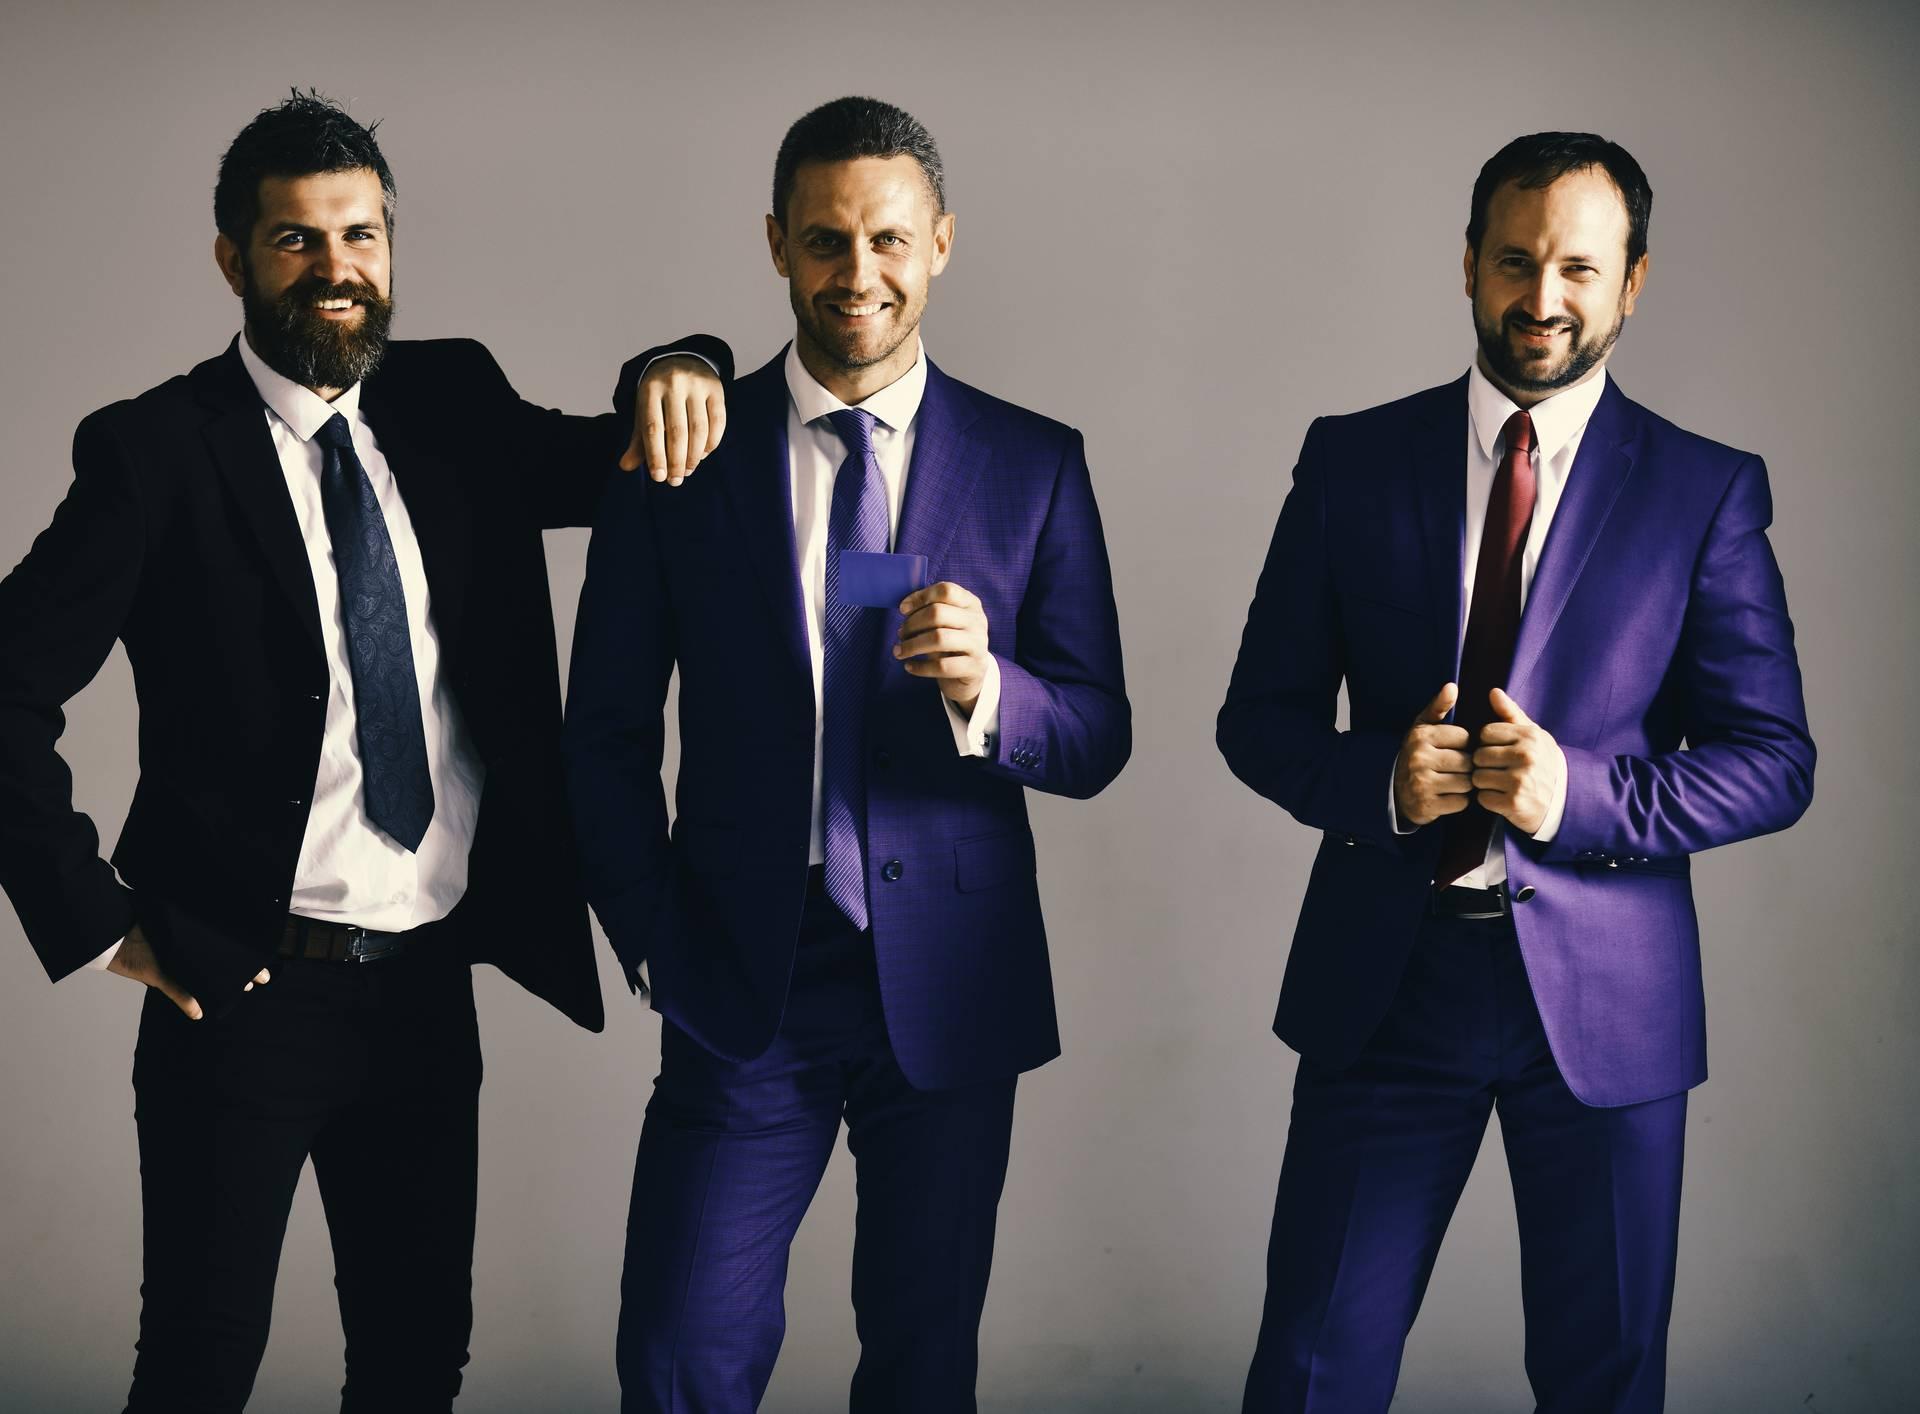 Izgled šalje poruku: Odaberite najbolju boju kravate za sebe